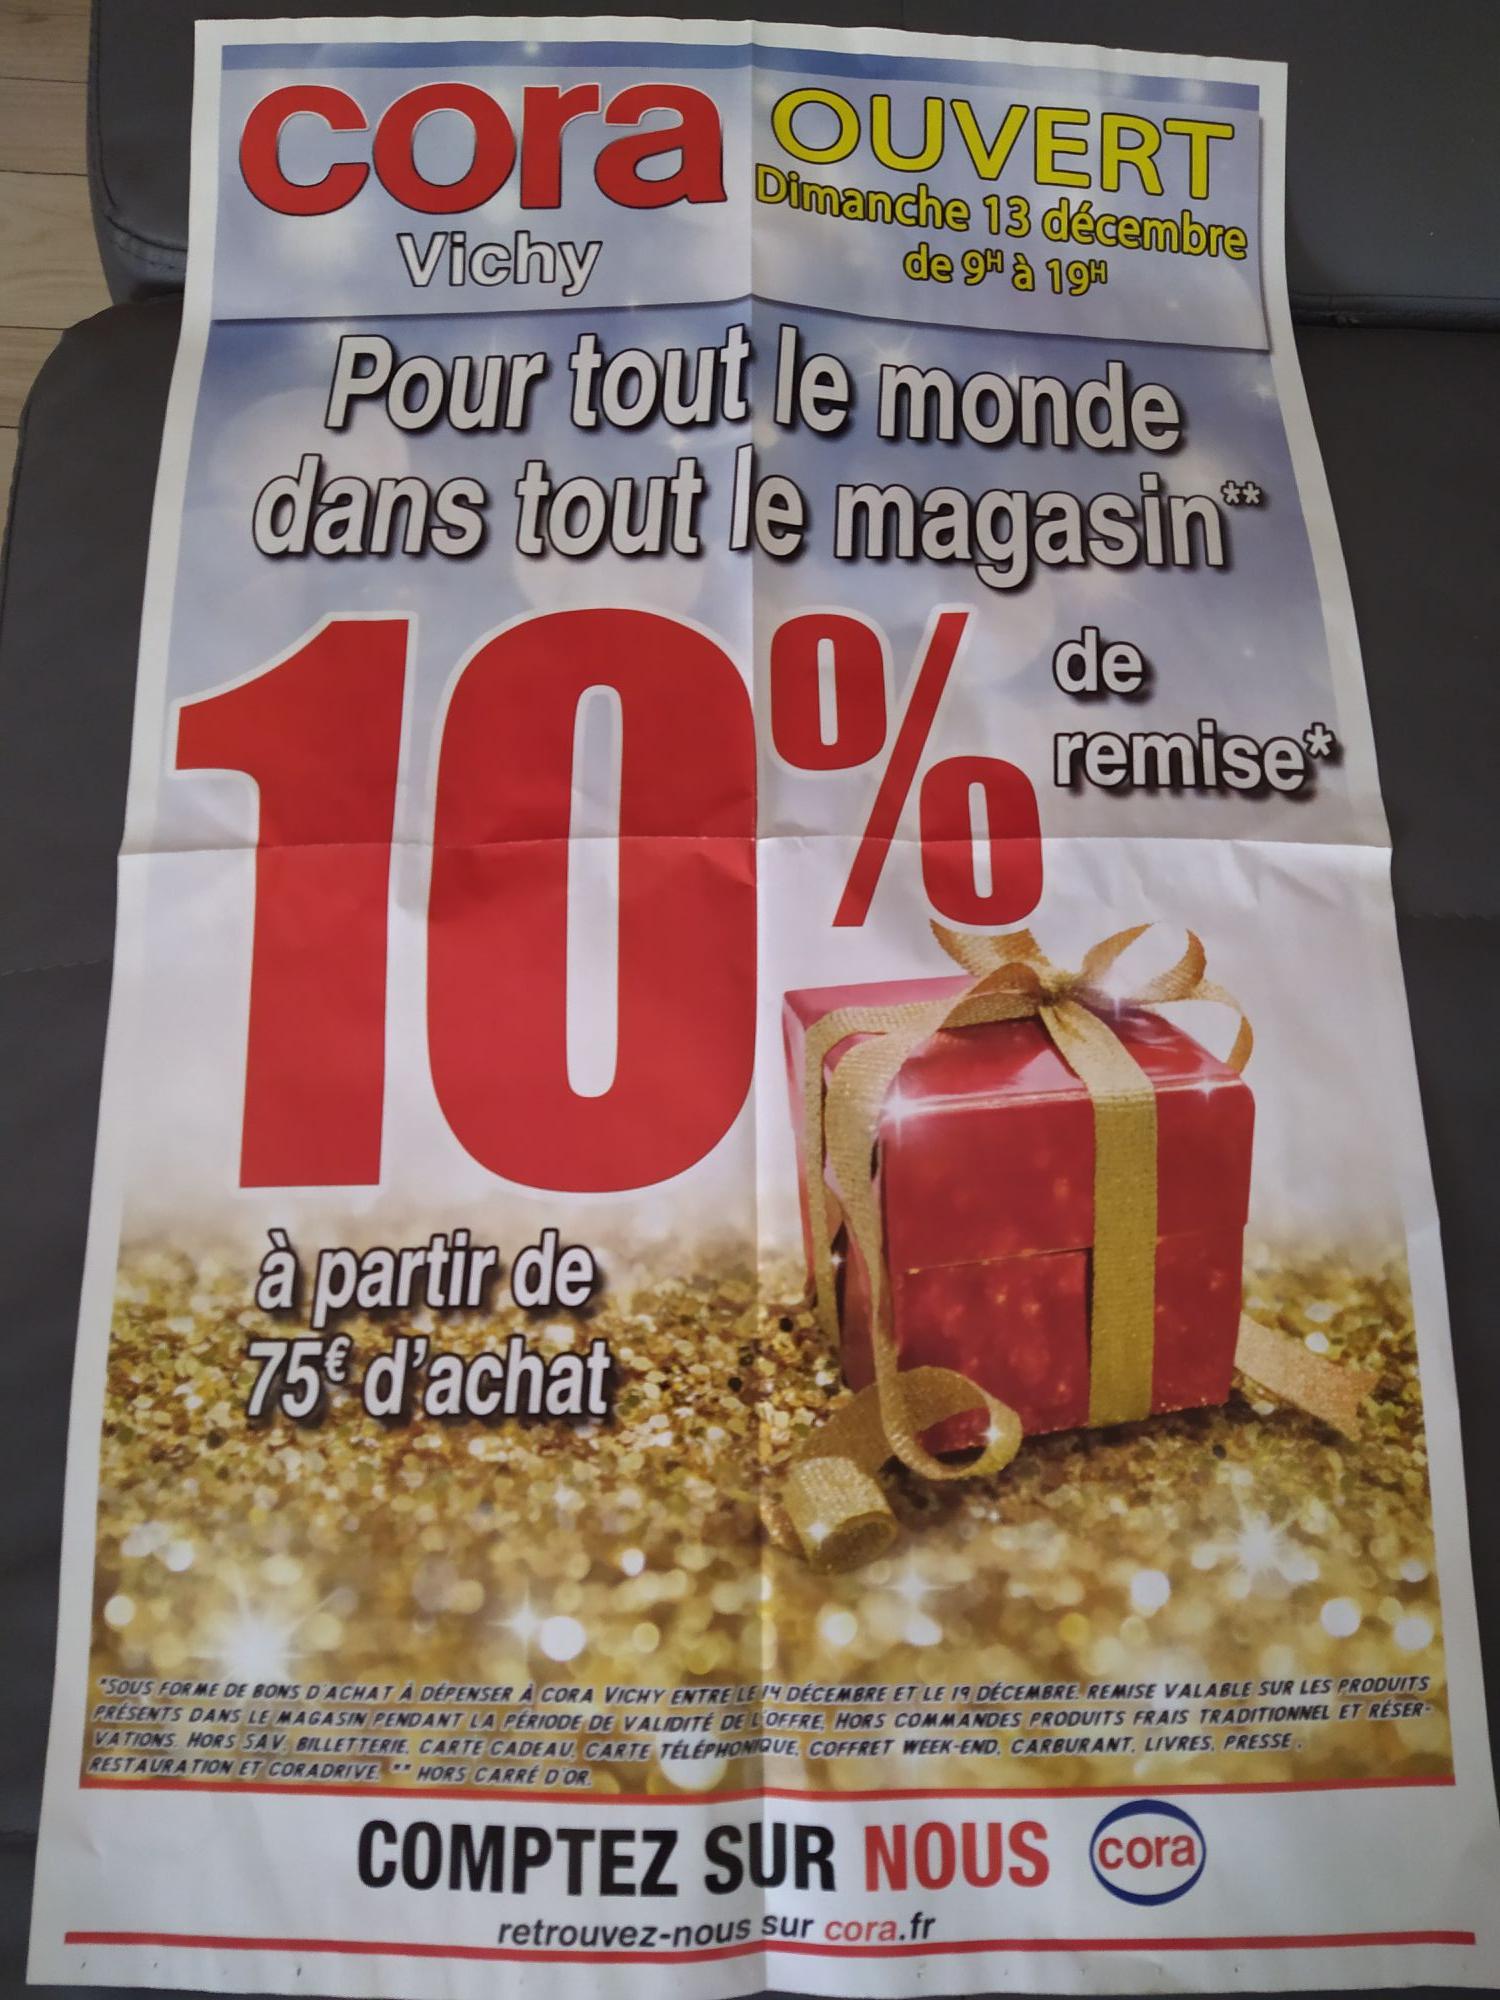 10% de réduction dès 75€ d'achat sur tout le magasin (hors exceptions) - Vichy (03)